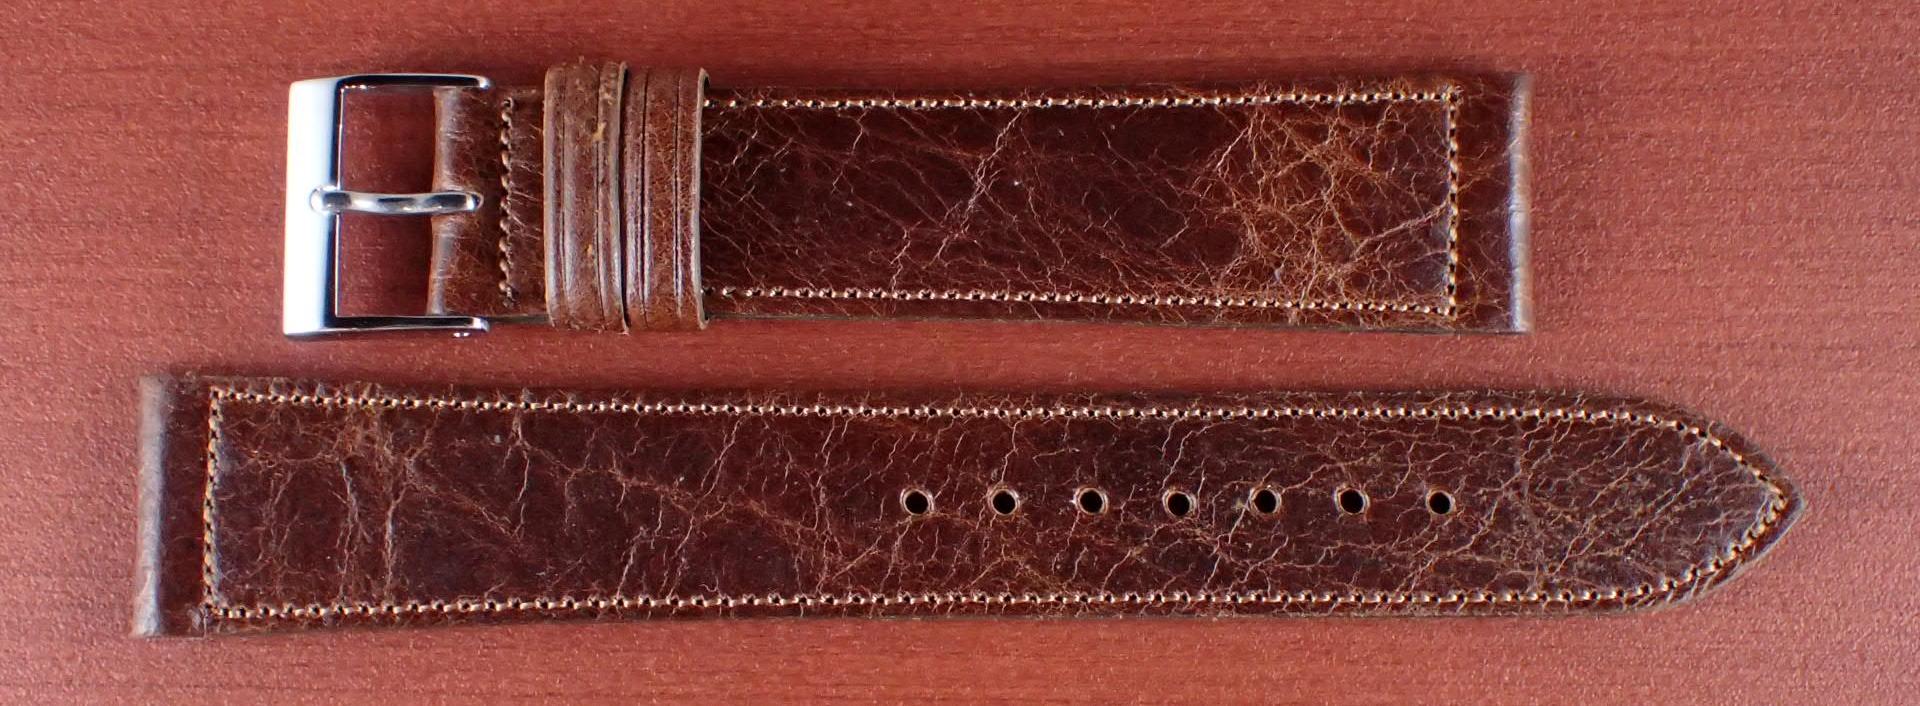 ヴィンテージレザー 牛革ベルト ブラウン 16、18mm